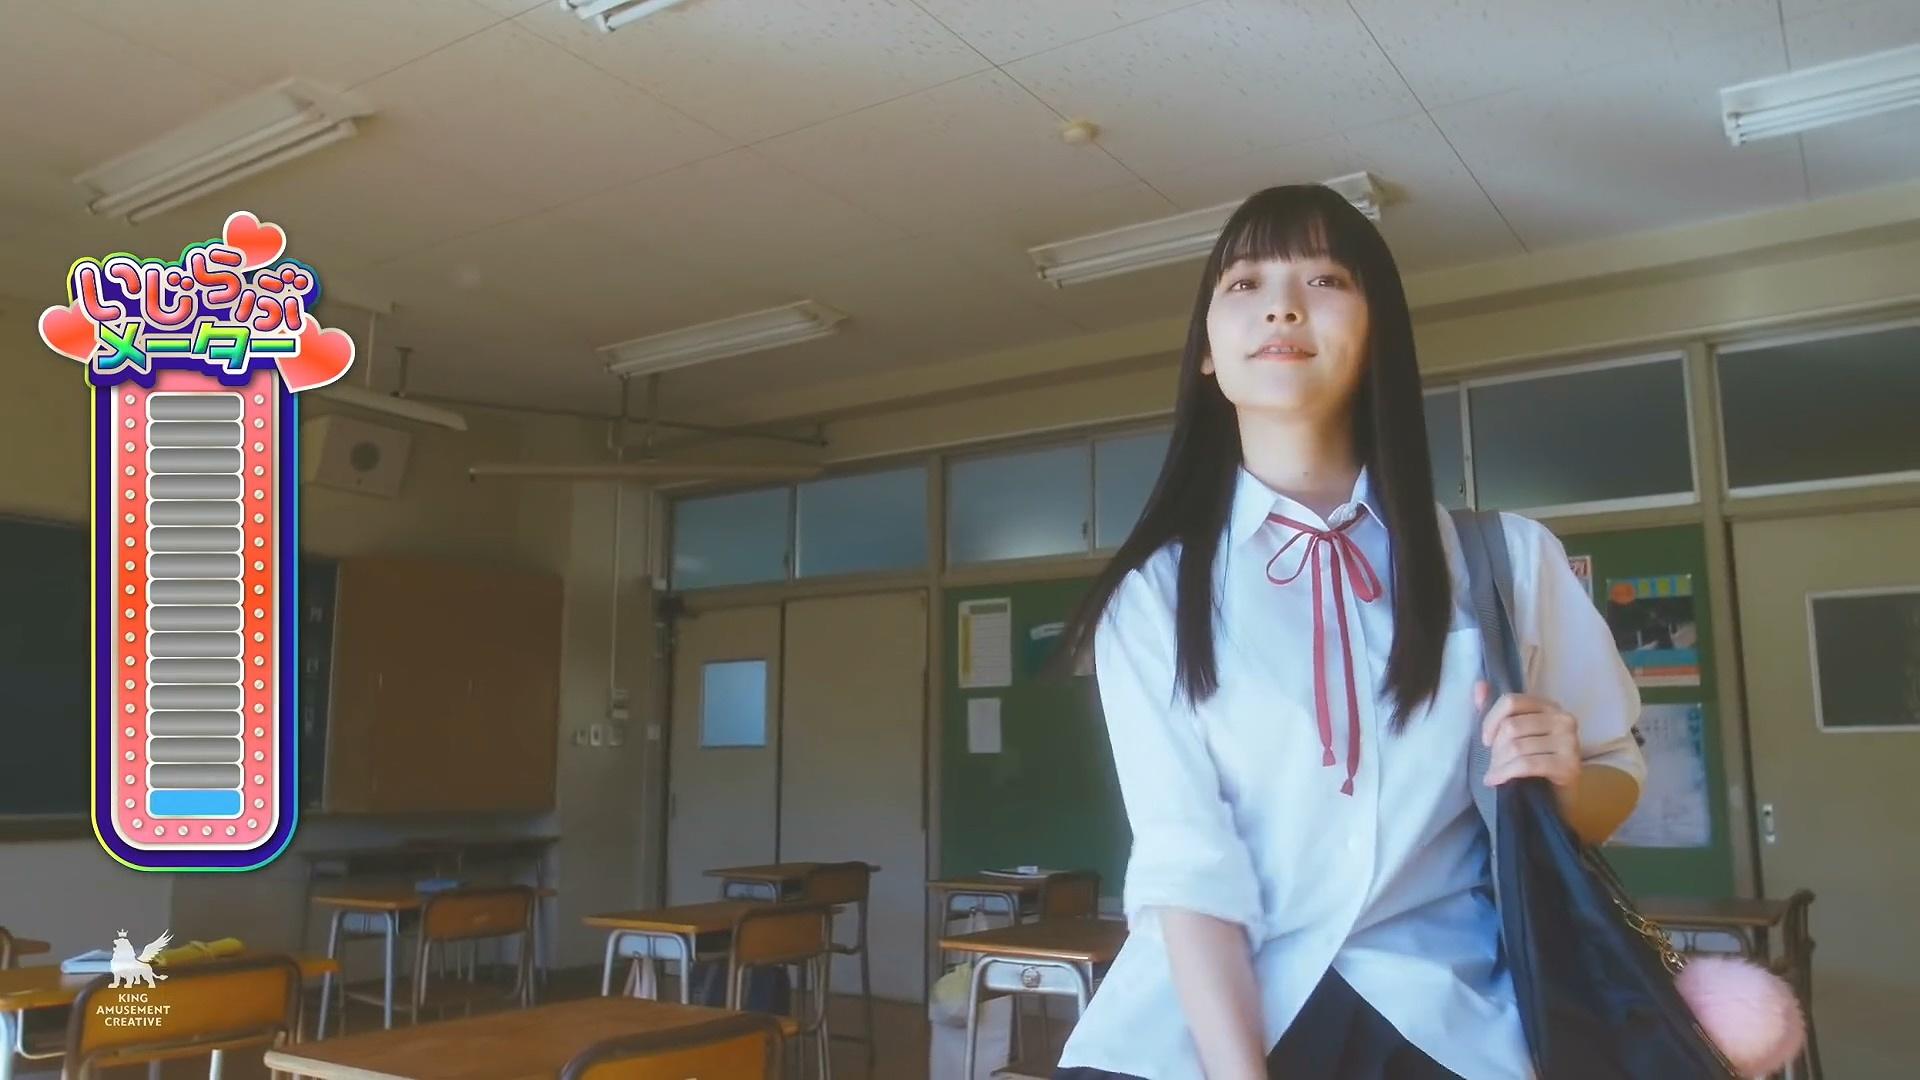 上坂すみれ「EASY LOVE」Music Video.mp4_000019.864